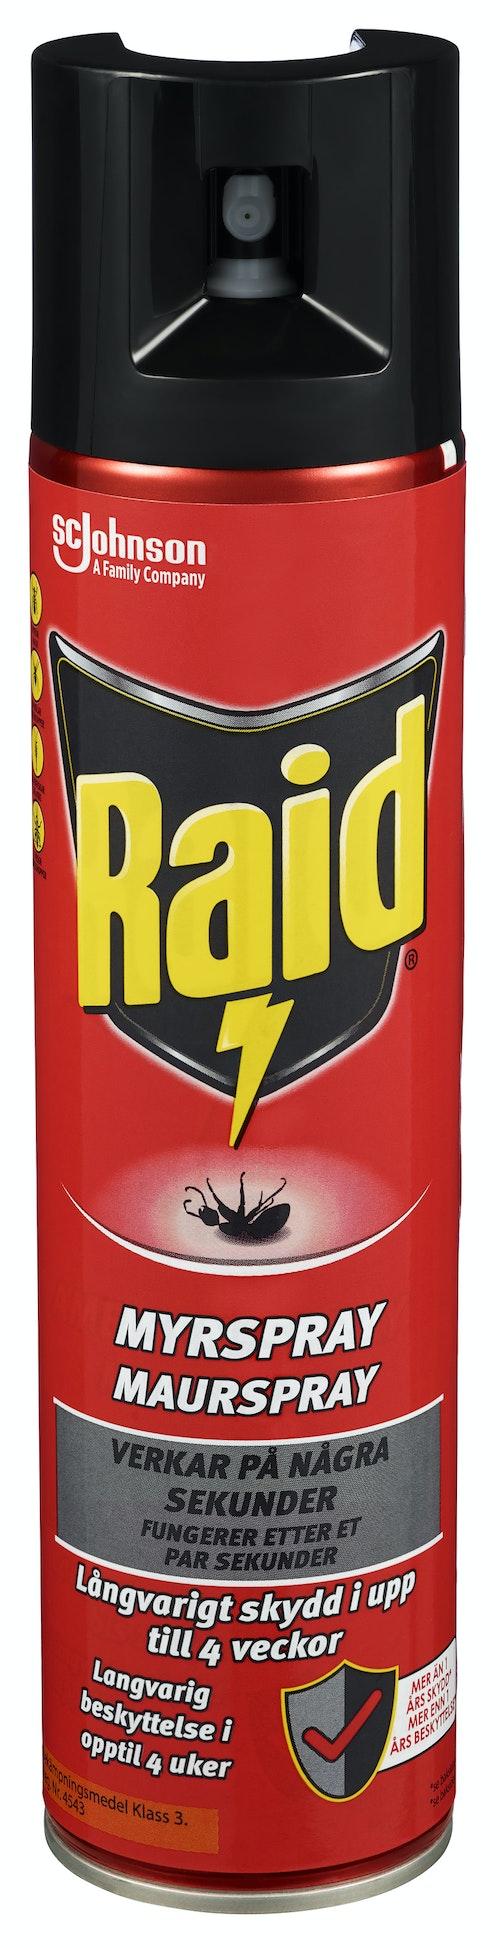 Raid Maurspray 400 ml